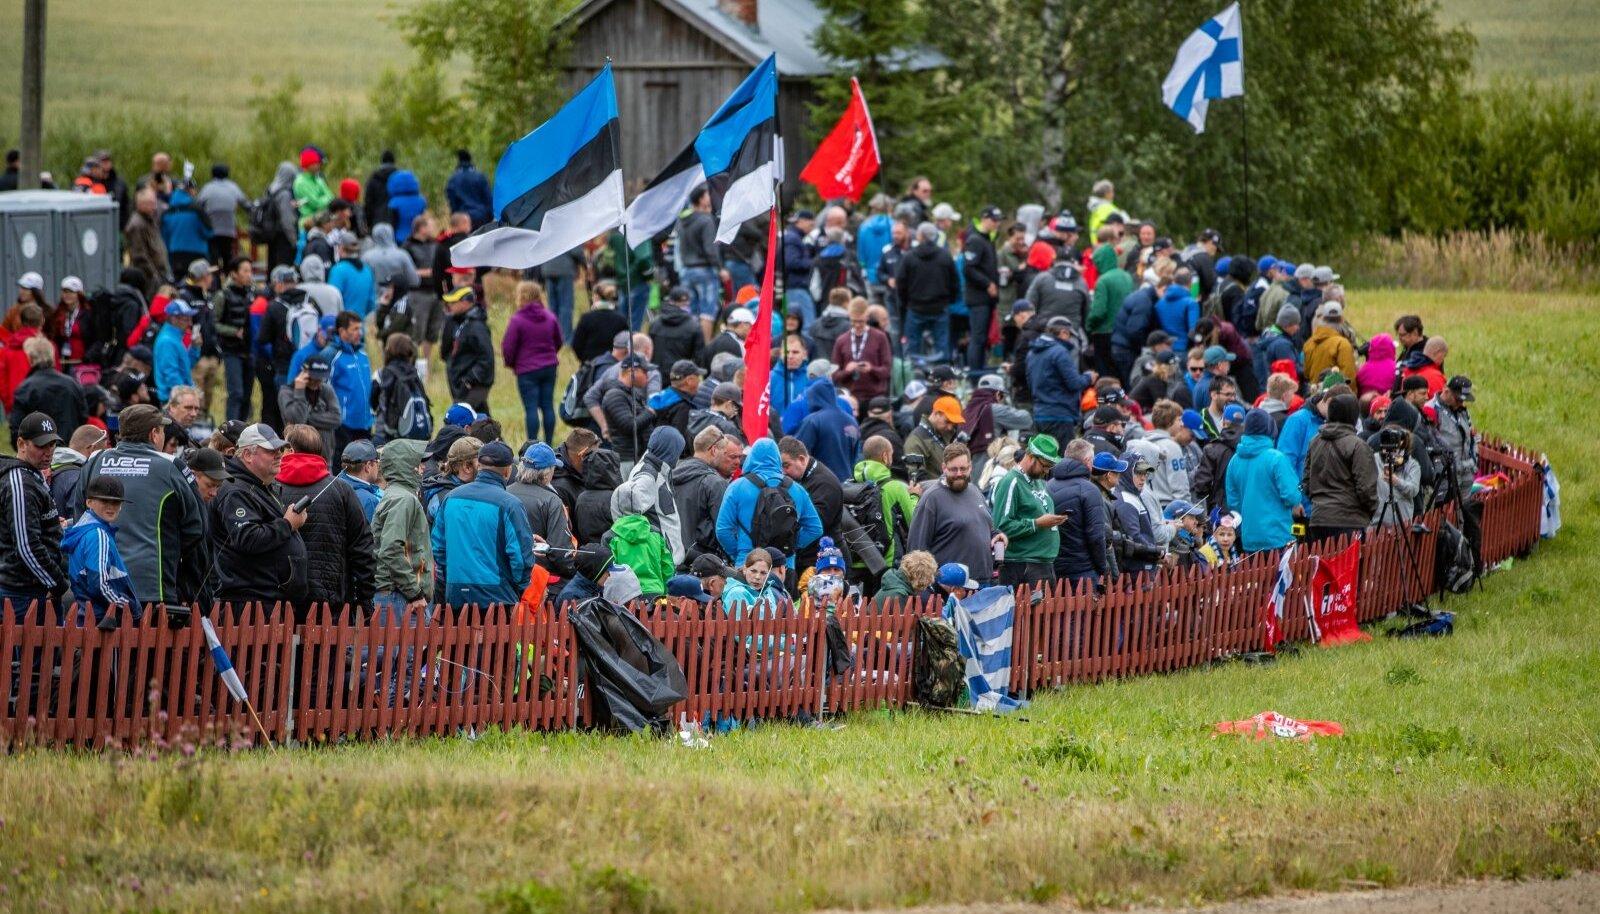 Mullune Jyväskylä MM-ralli, tänavu Soome rallit ei toimu